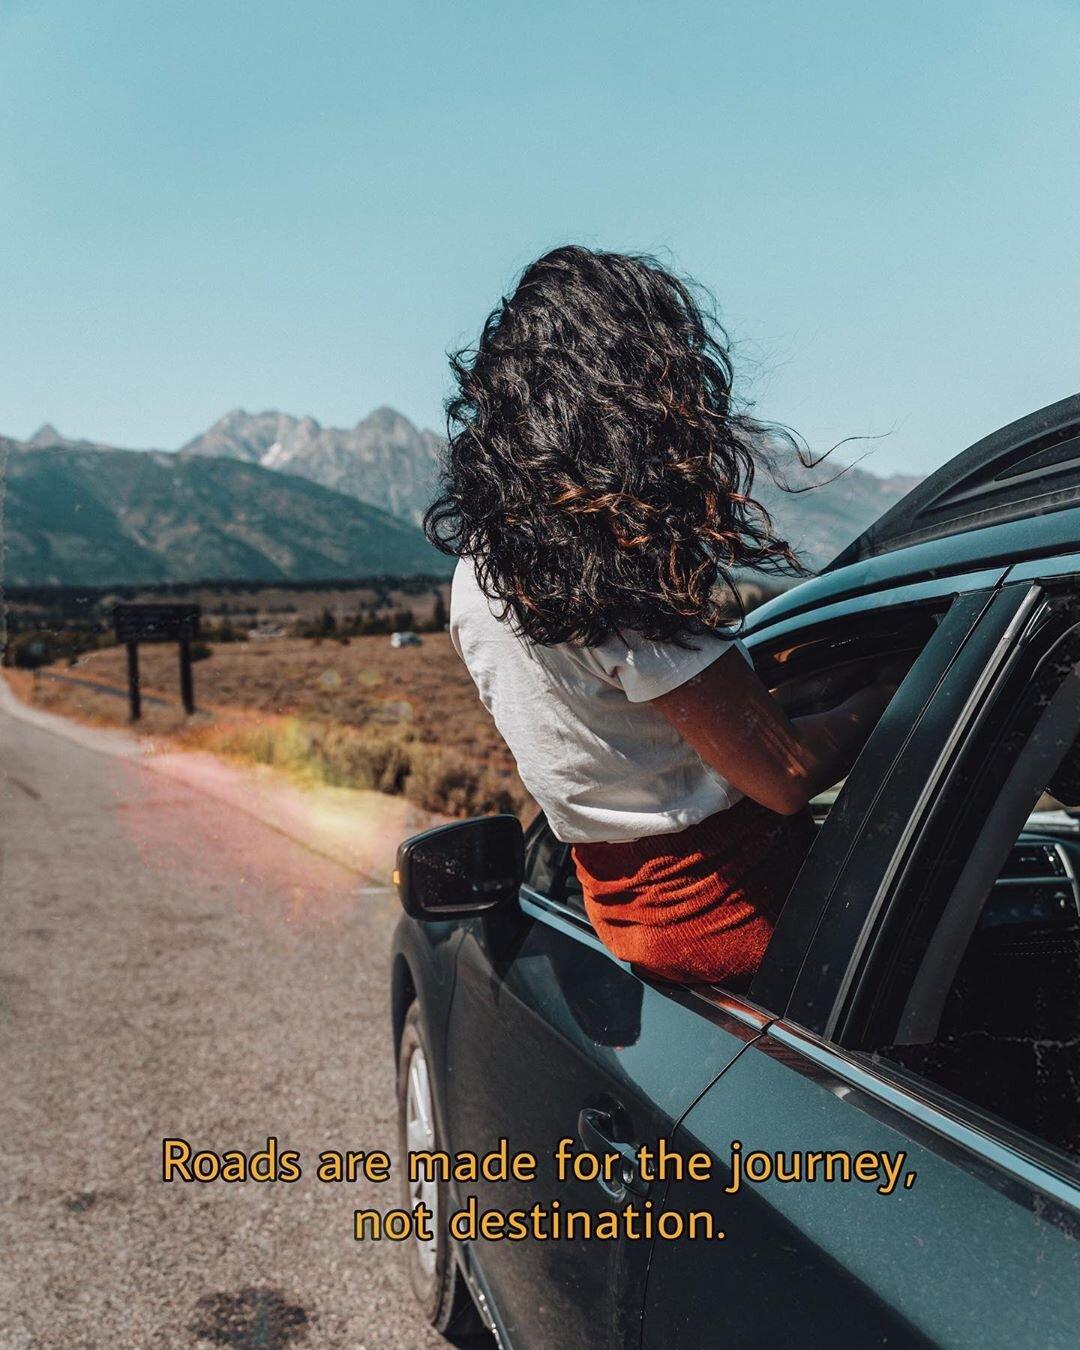 lissette calveiro road trip inspiration 1.jpg